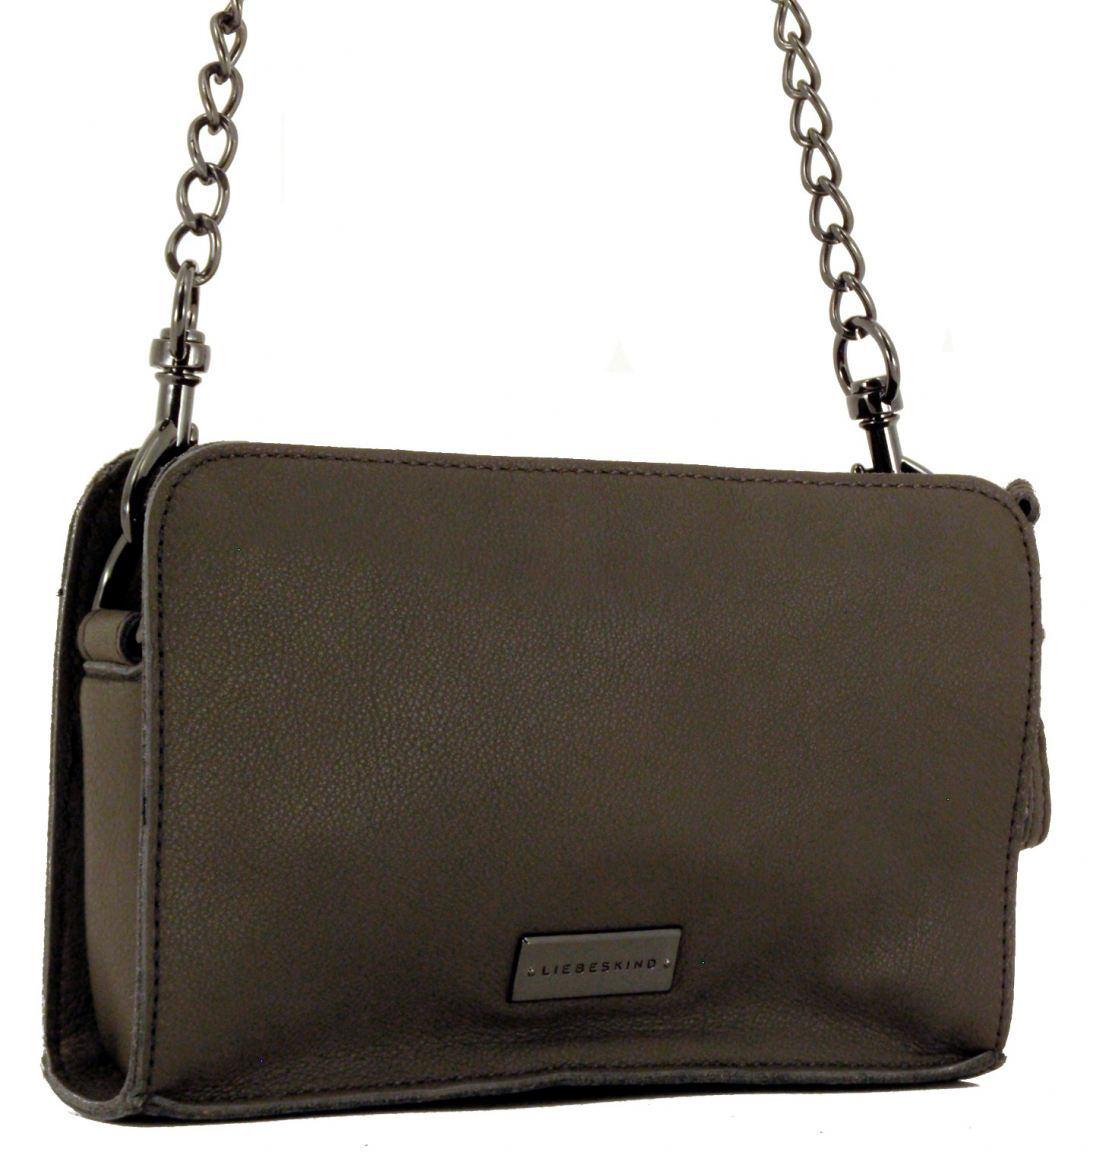 liebeskind crissy tasche mit kette vintage grau bags more. Black Bedroom Furniture Sets. Home Design Ideas